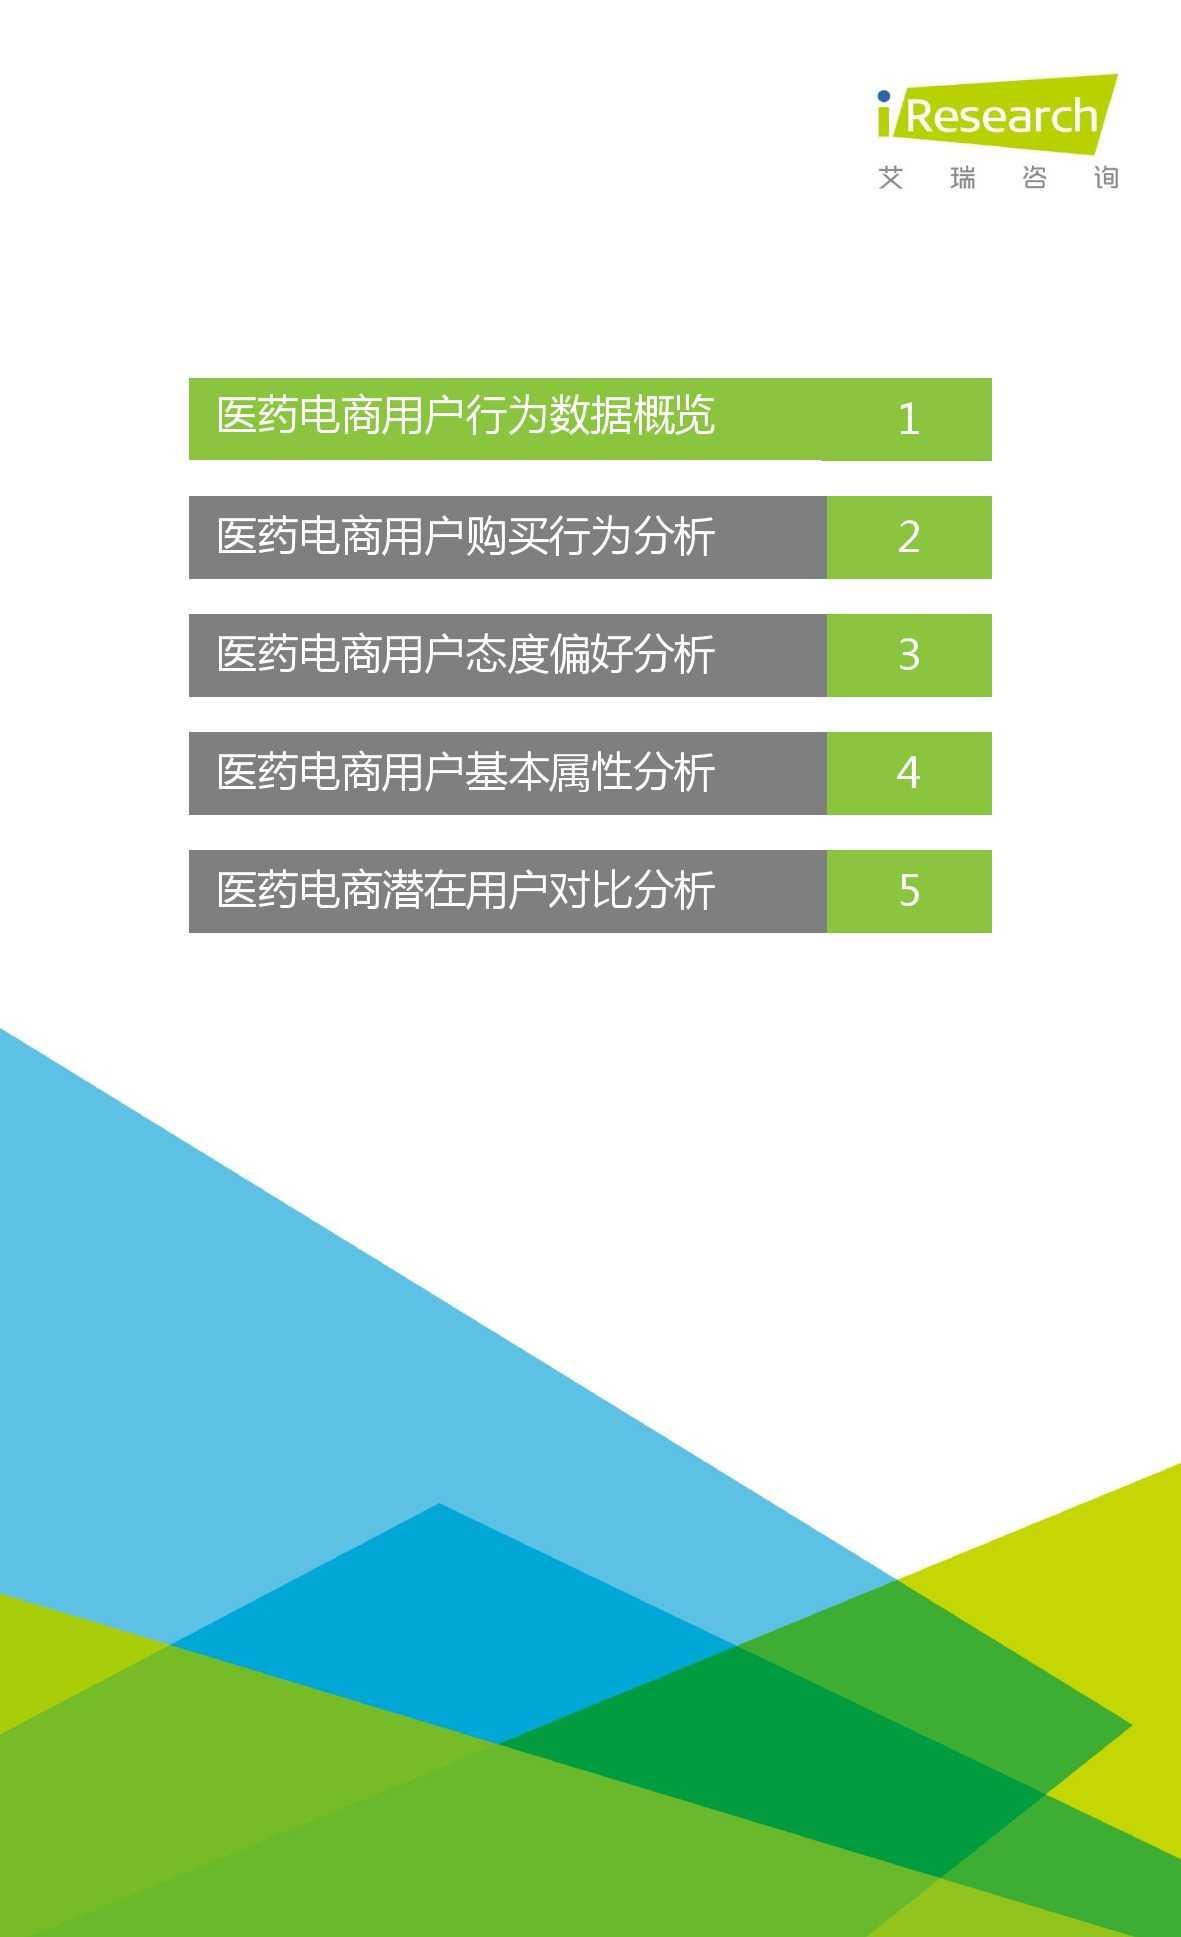 2015年中国医药电商用户行为研究报告_000002